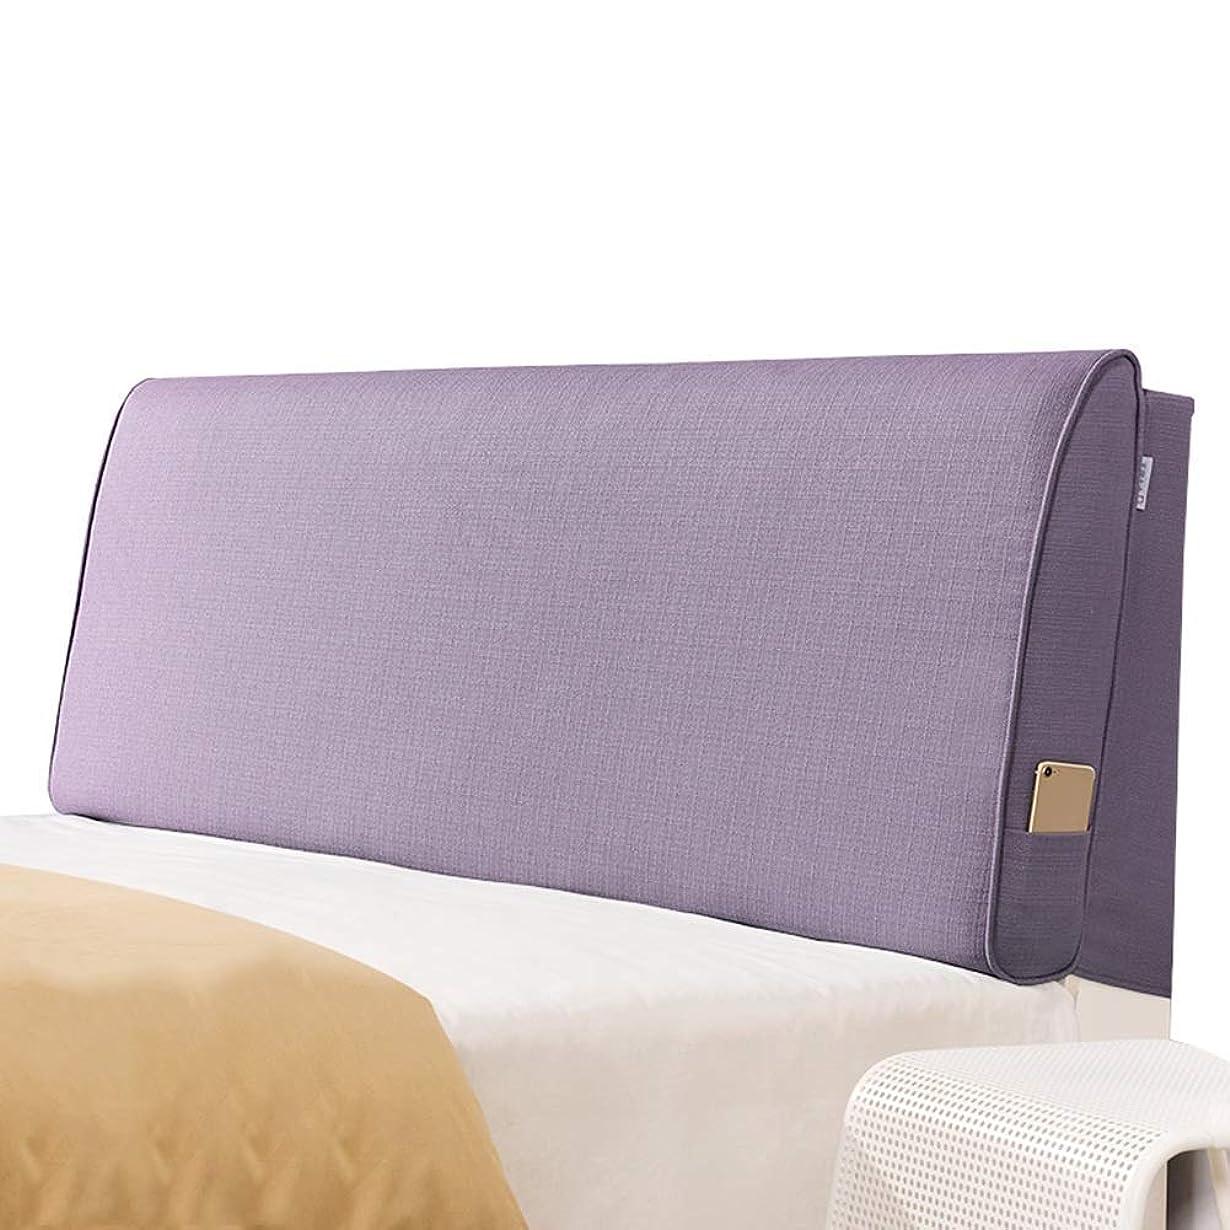 同封する科学ペットWZBヘッドボードクッション通気性快適ウエストサイドポケット取り外し可能、5サイズ、5色をサポート(色:紫、サイズ:180x60x10cm)